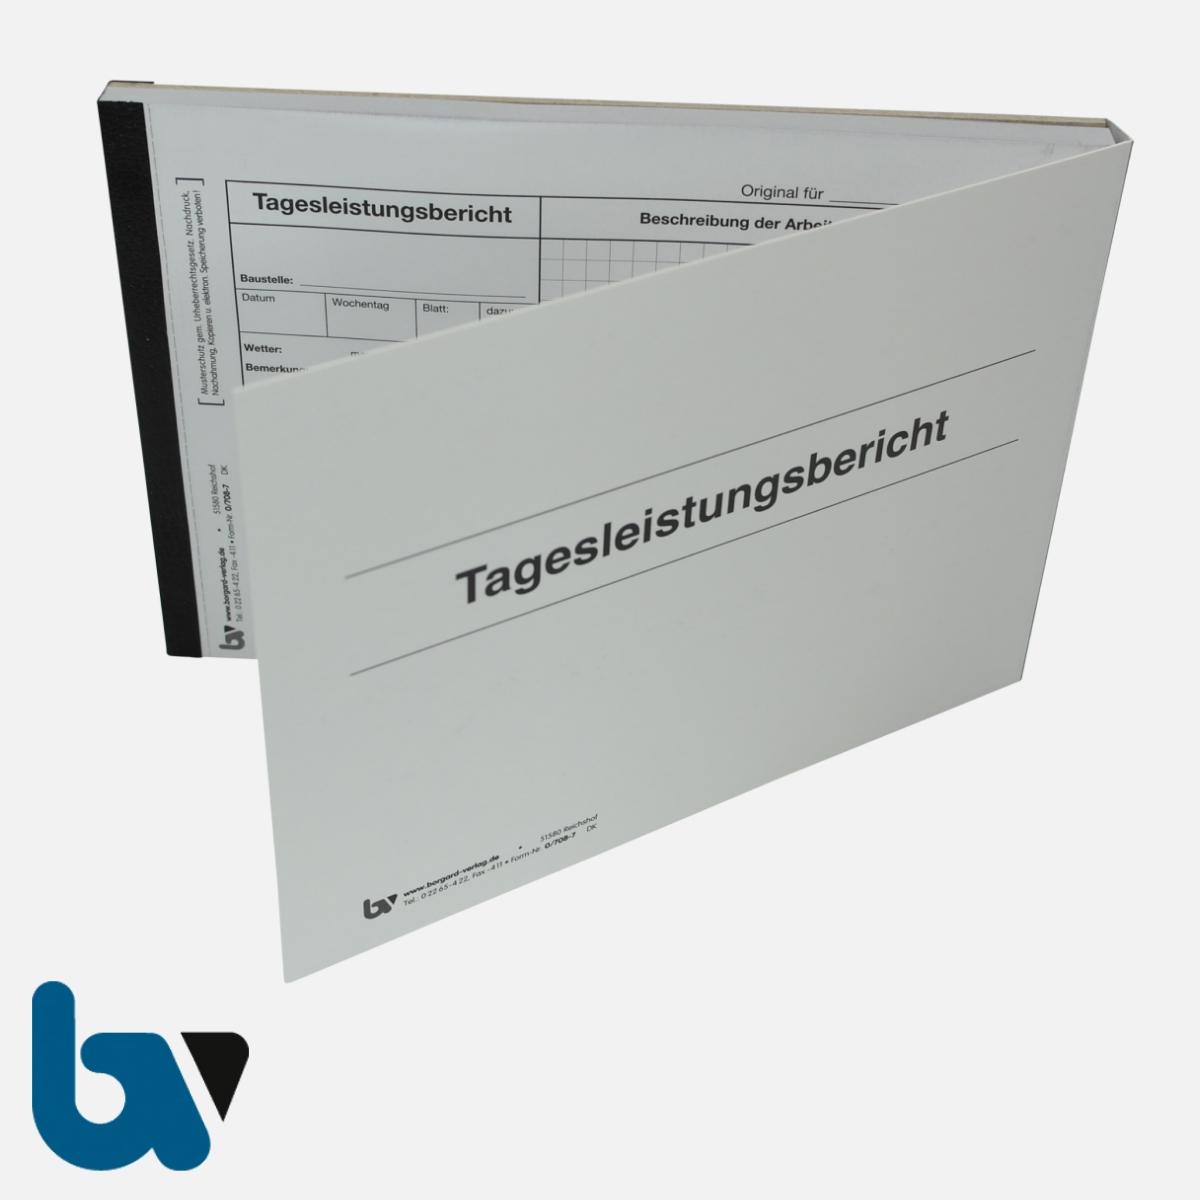 0/708-7 Tagesleistungsbericht Baustelle Arbeit selbstdurchschreibend Einschlagdeckel Durchschreibeschutz Schreibschutzdeckel perforiert DIN A5 Vorderseite | Borgard Verlag GmbH